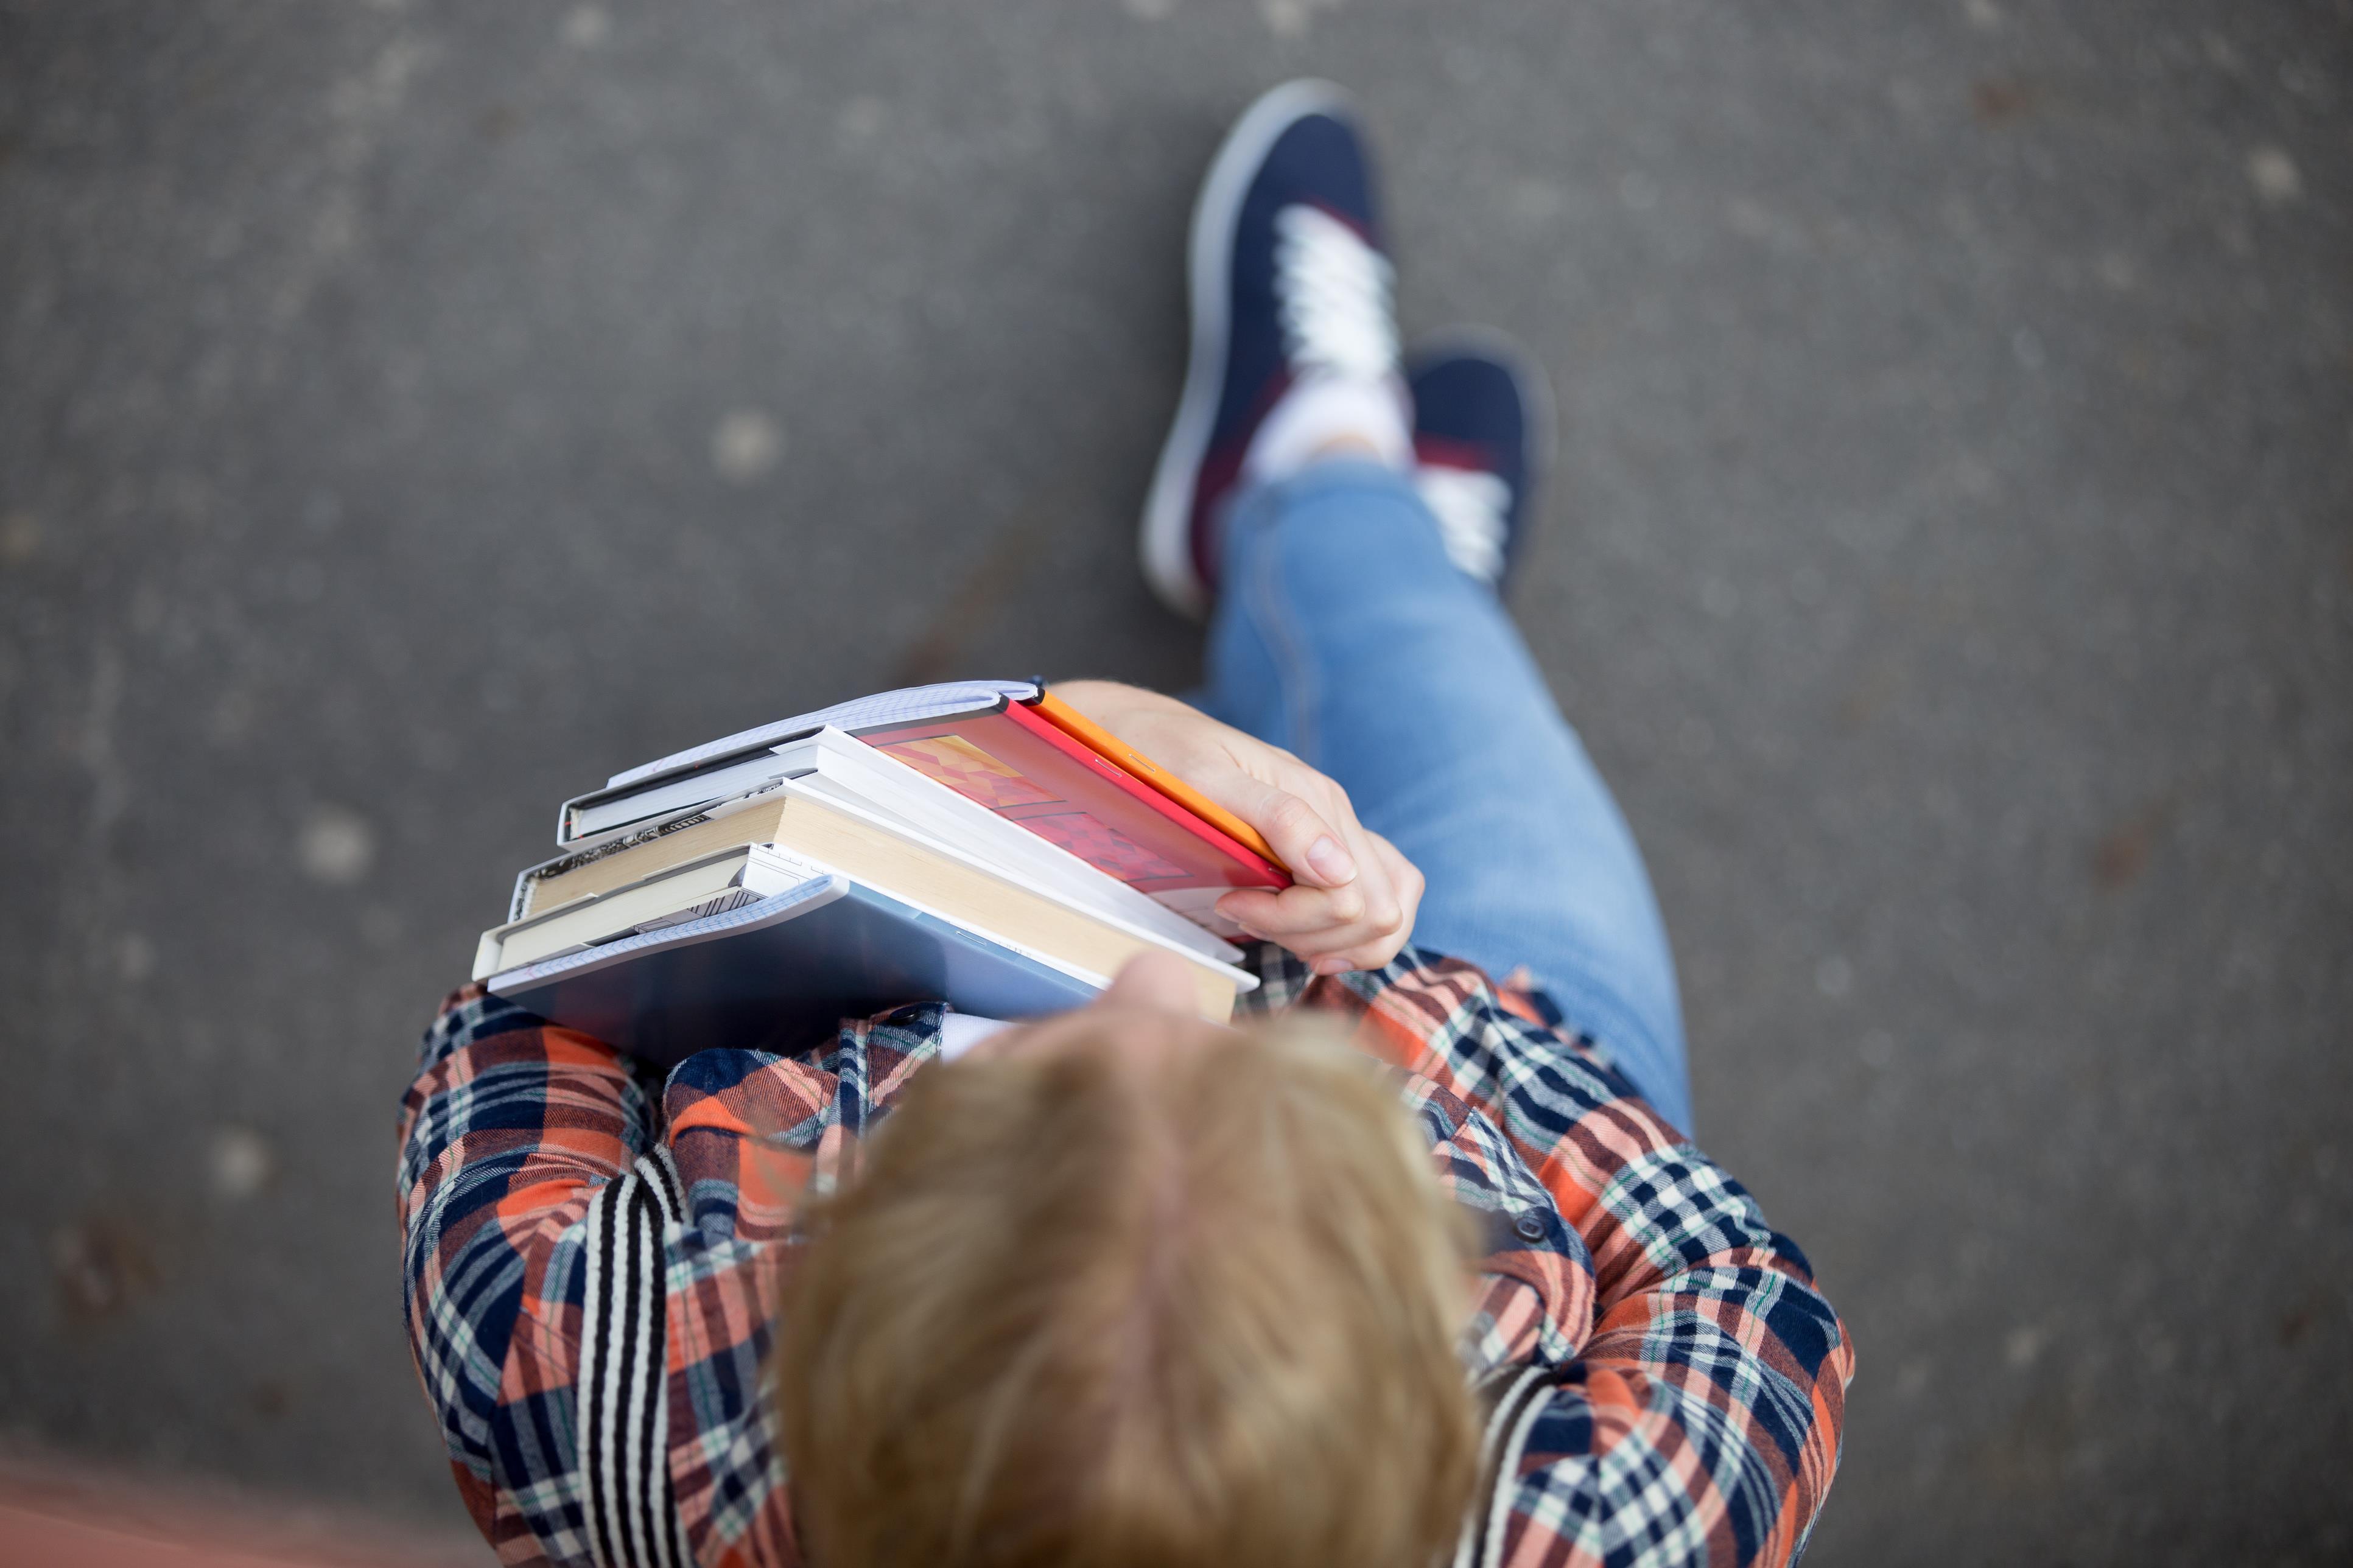 Szkoła Dlaczego Dzieci Nie Lubią Chodzić Do Szkoły I Się